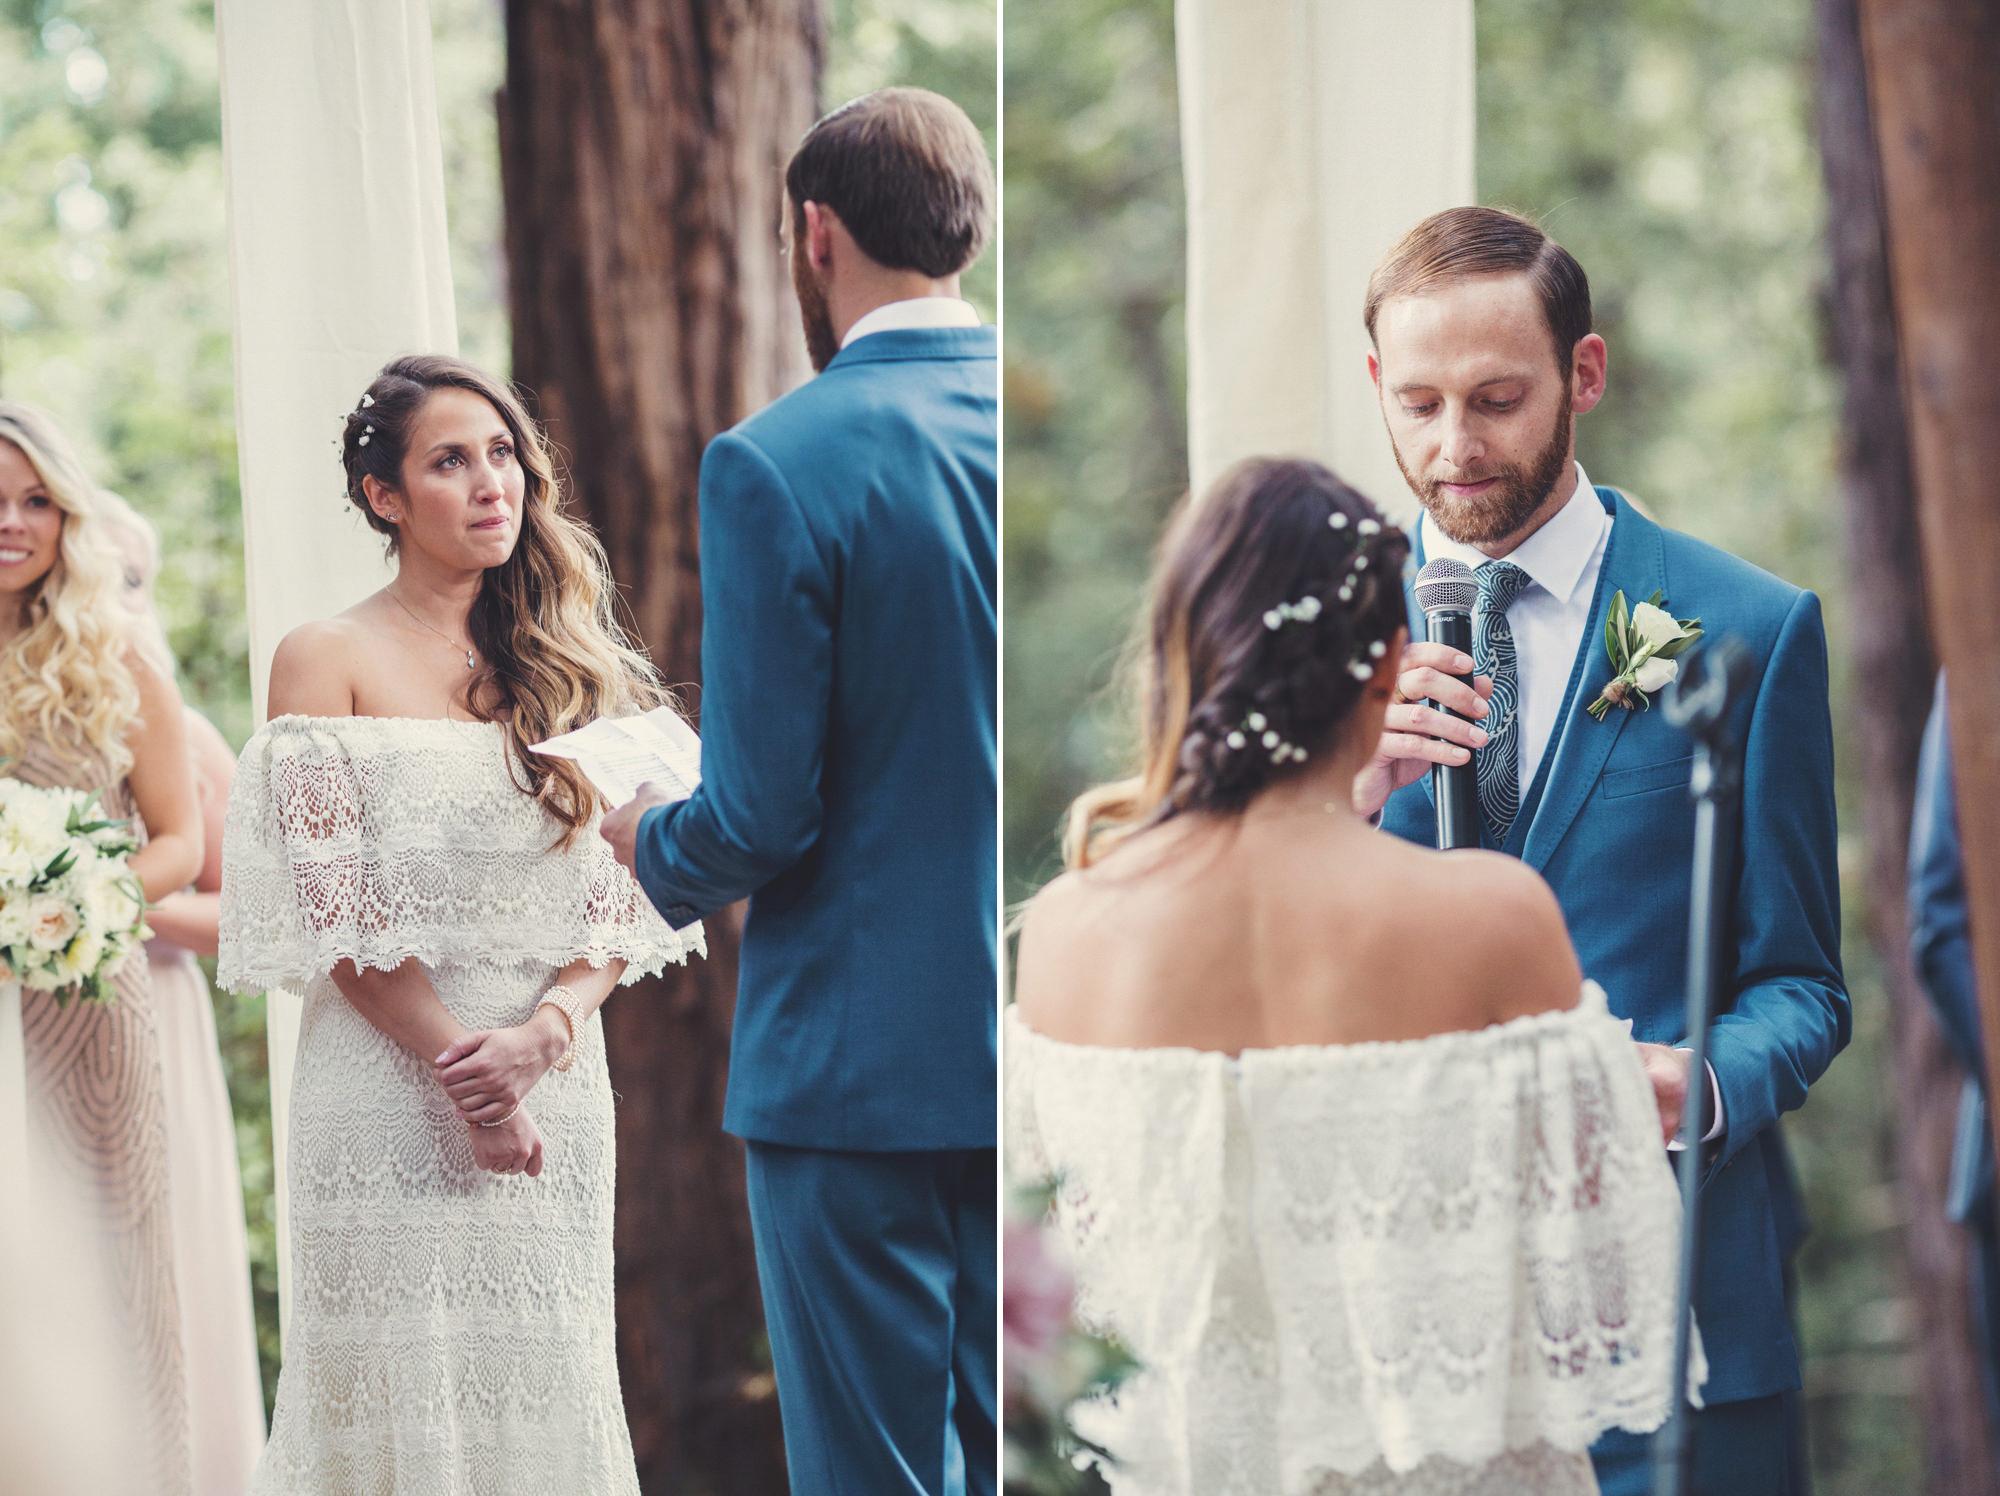 Sequoia Retreat Center Wedding@Anne-Claire Brun 83